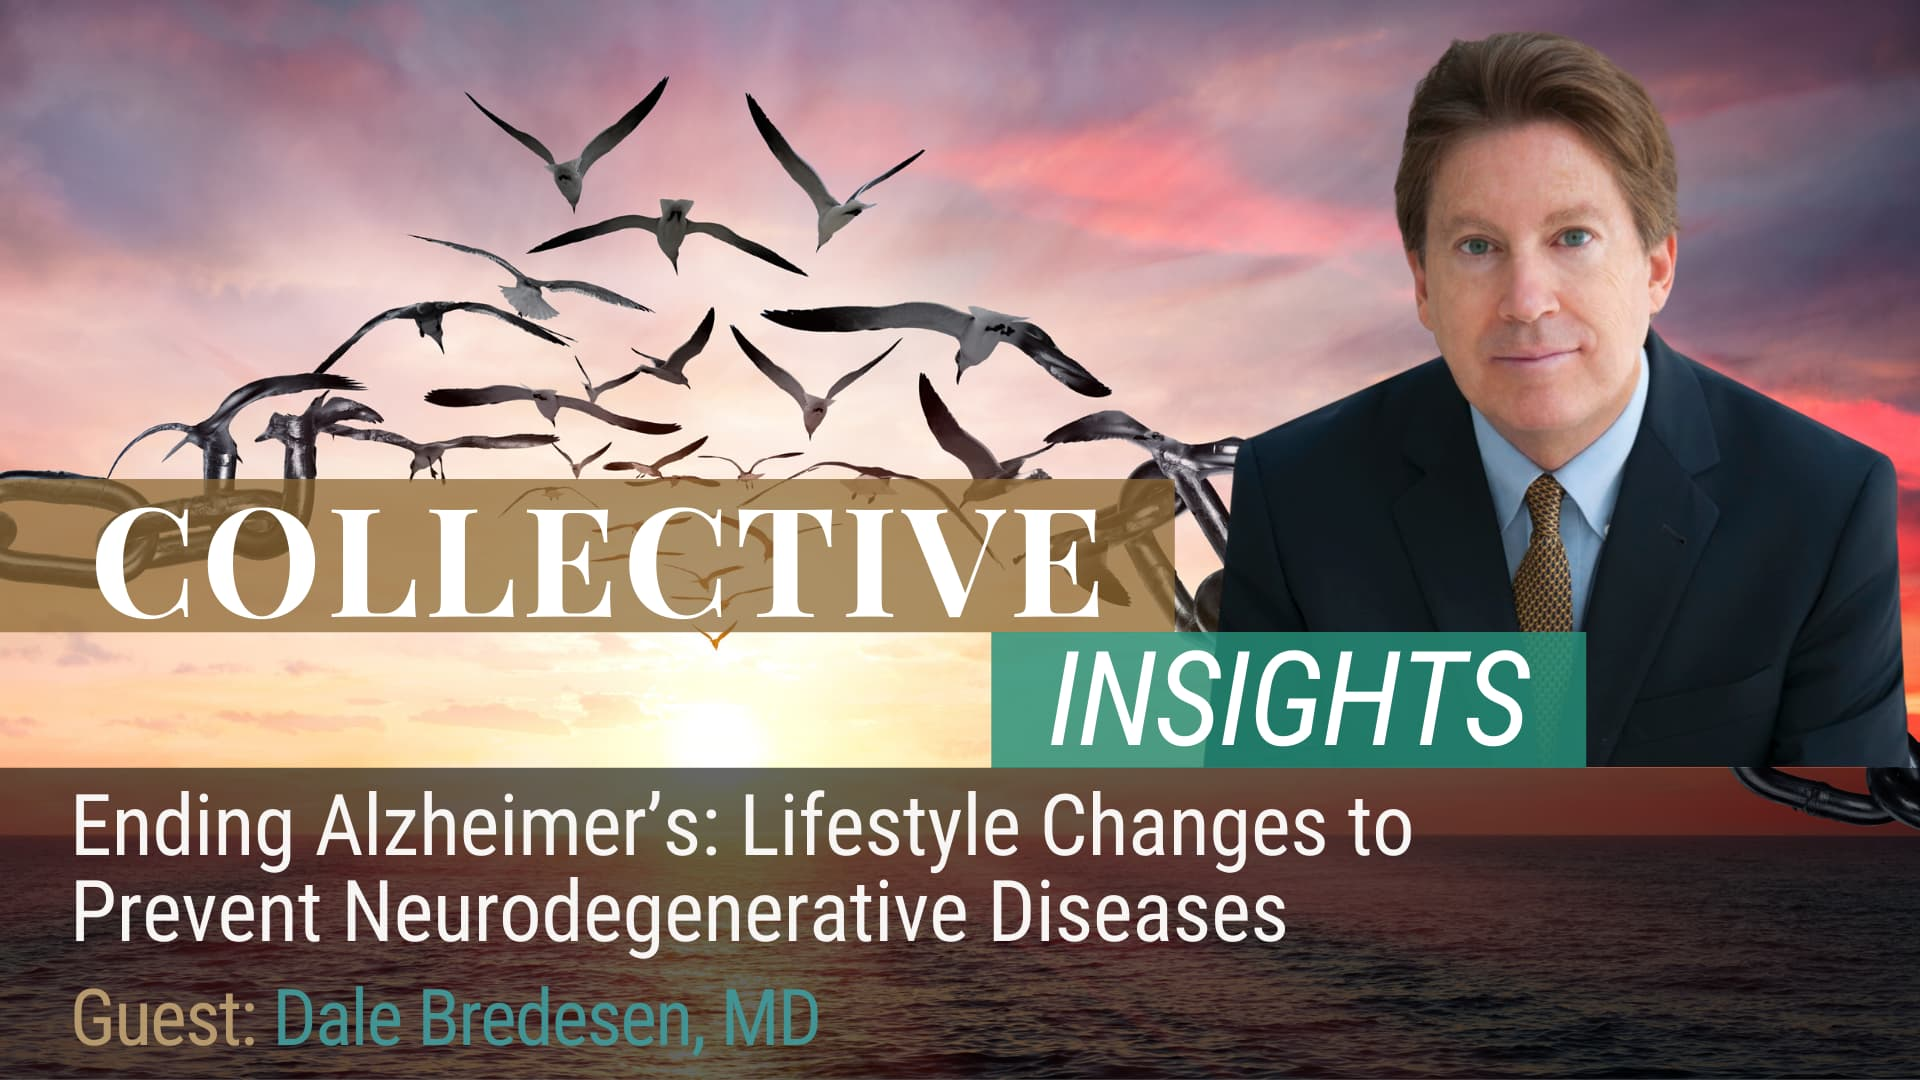 Ending Alzheimer's: Lifestyle Changes to Prevent Neurodegenerative Diseases